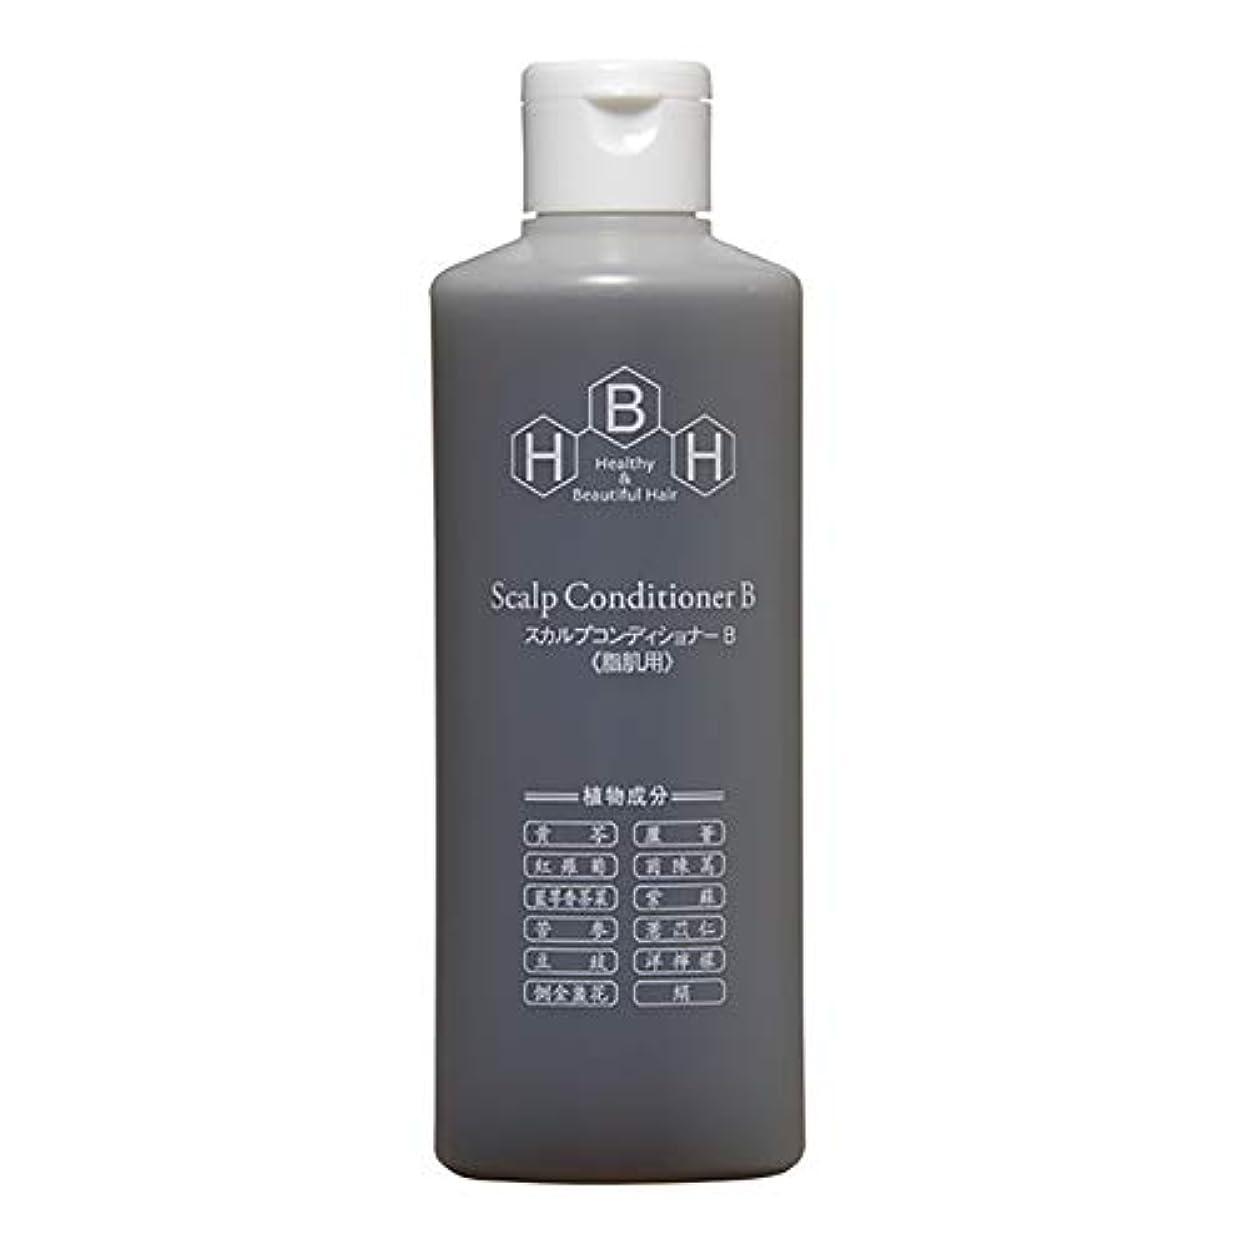 シャトル囲いぼろリーブ21 スカルプコンディショナーB 脂性肌用 300ml 育毛 コンディショナー 皮脂